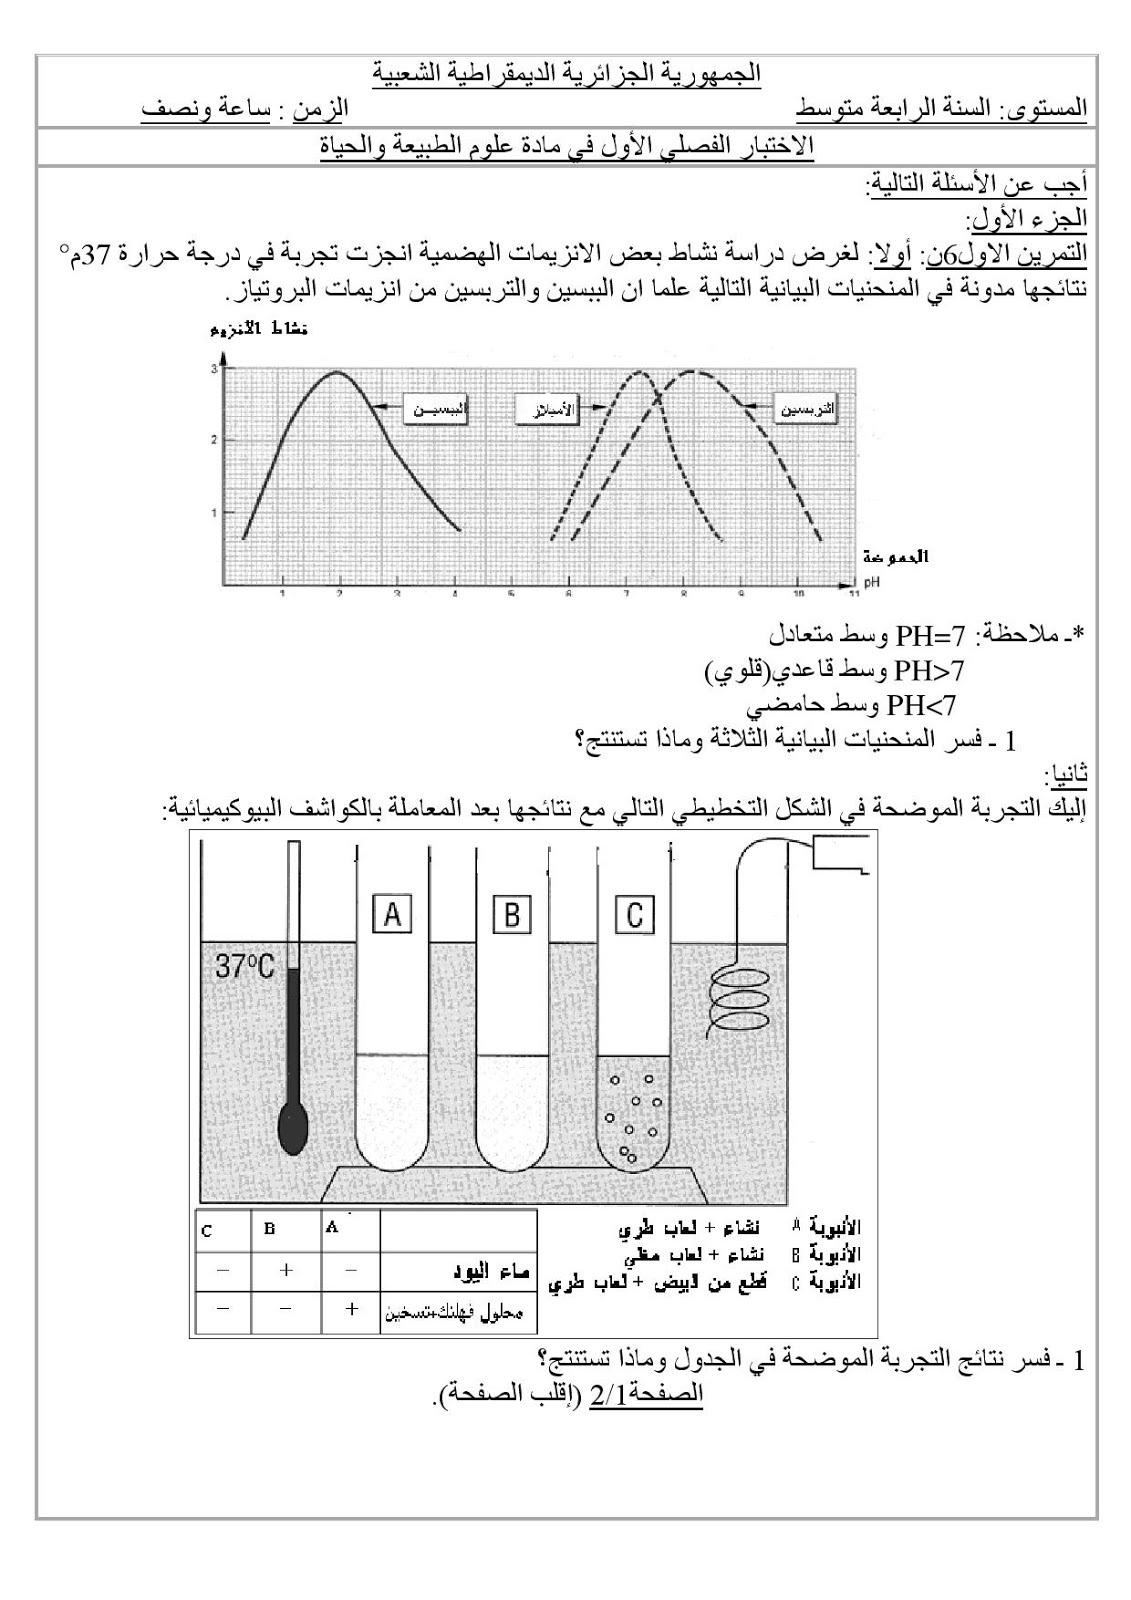 امتحان الفصل الأول في مادة العلوم الطبيعية